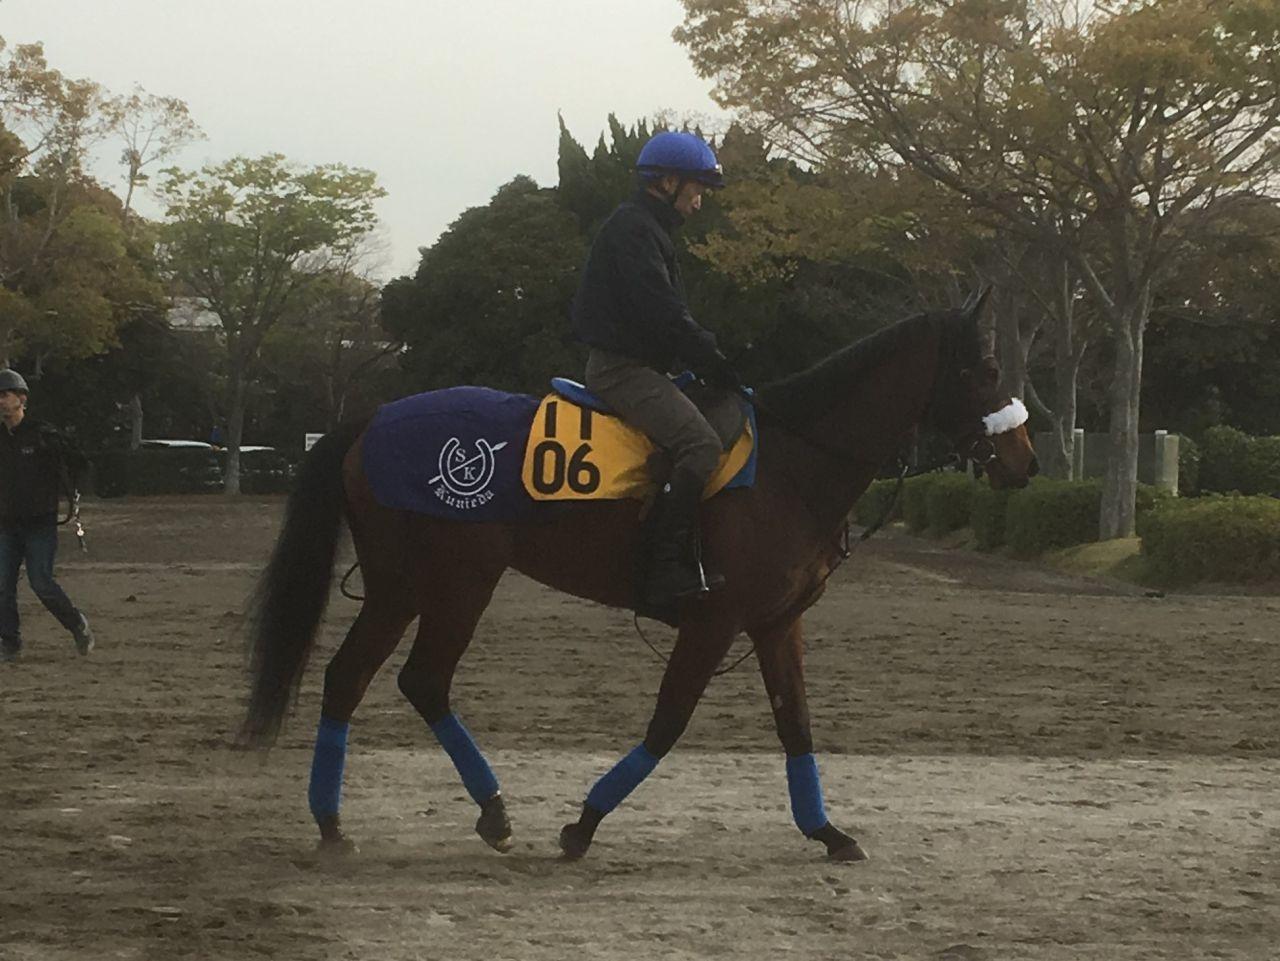 【福島牝馬S】ダノングレース 3連勝で重賞タイトルなるか